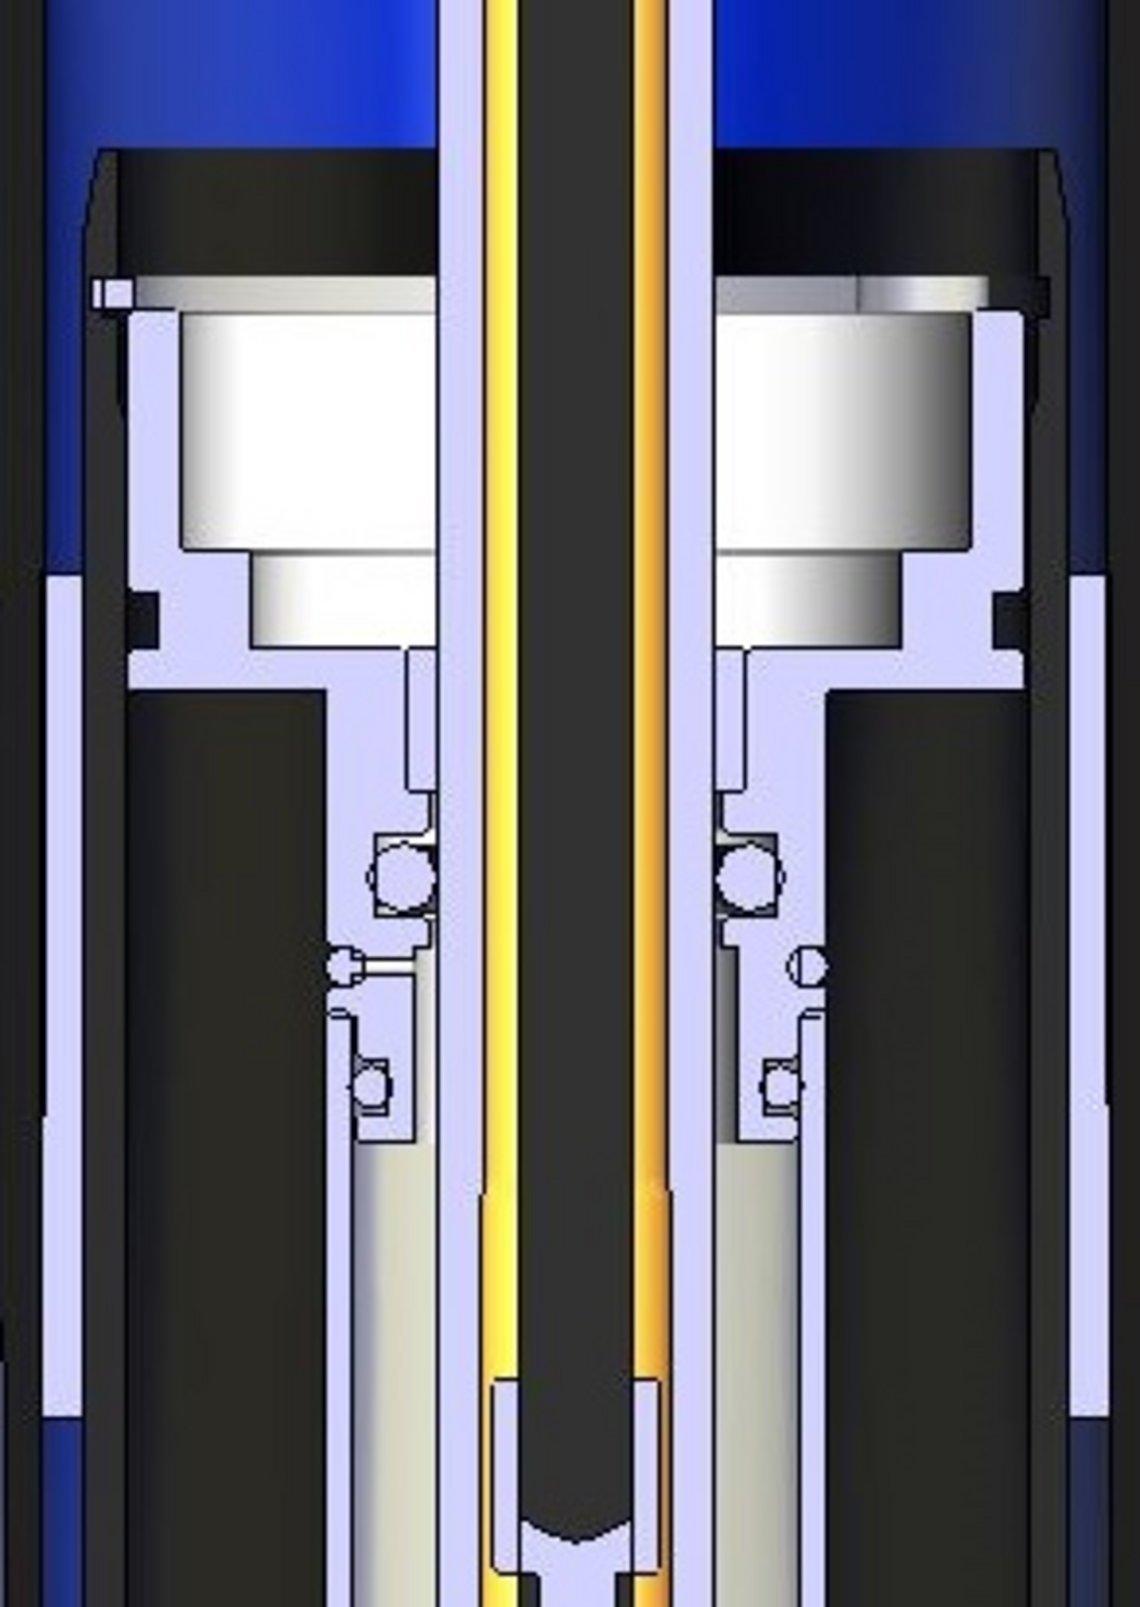 Das Rückschlagventil in der Dämpfung als technische Zeichnung